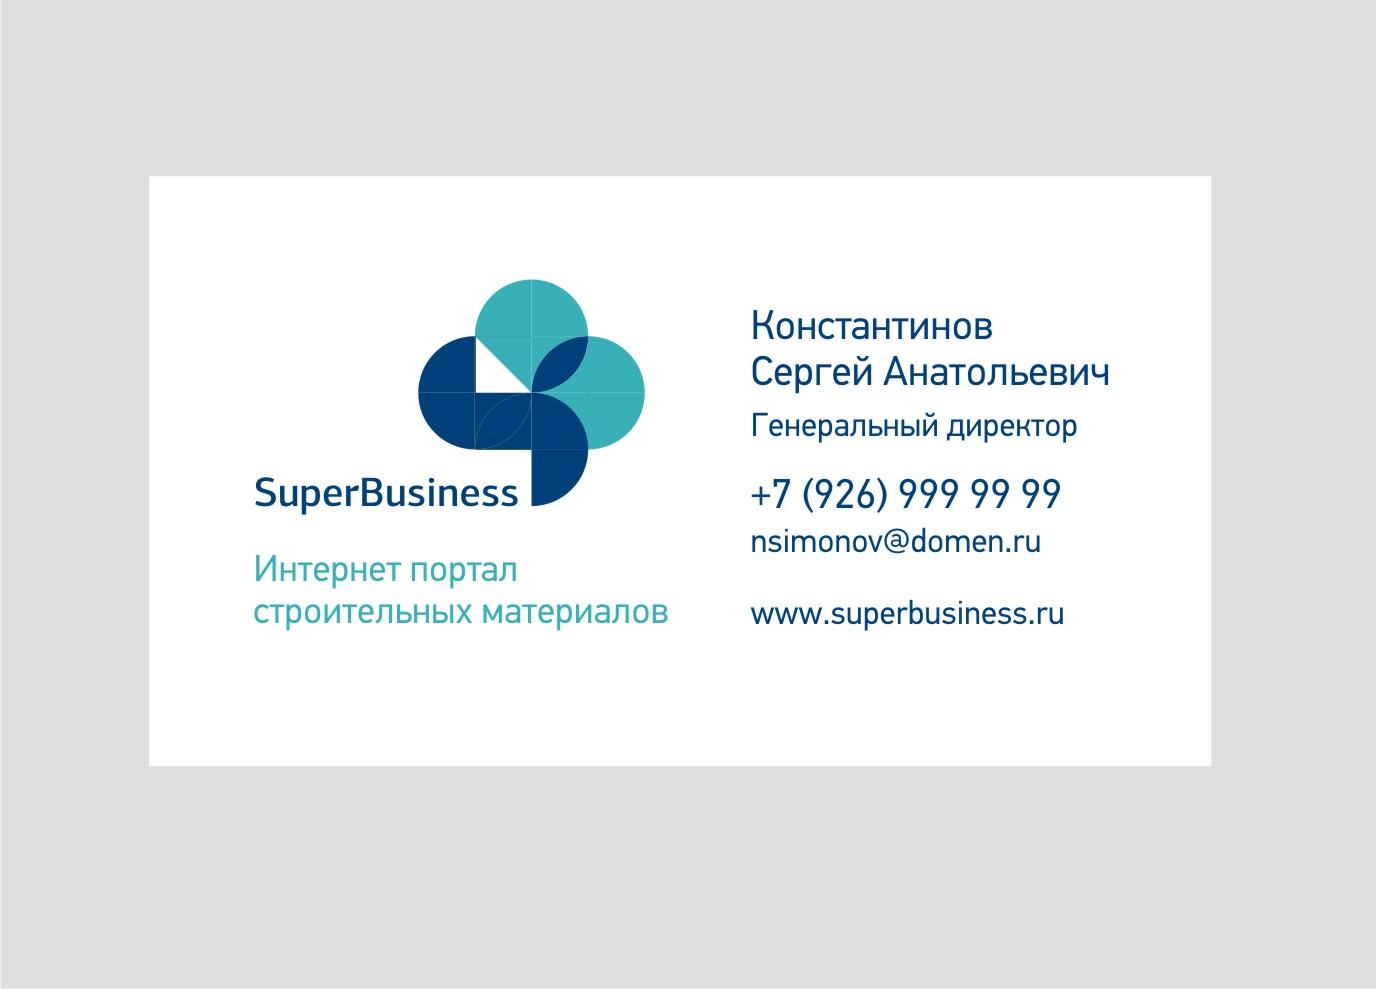 Логотип + Визитка Портала безопасных сделок фото f_8675360f306a522e.jpg